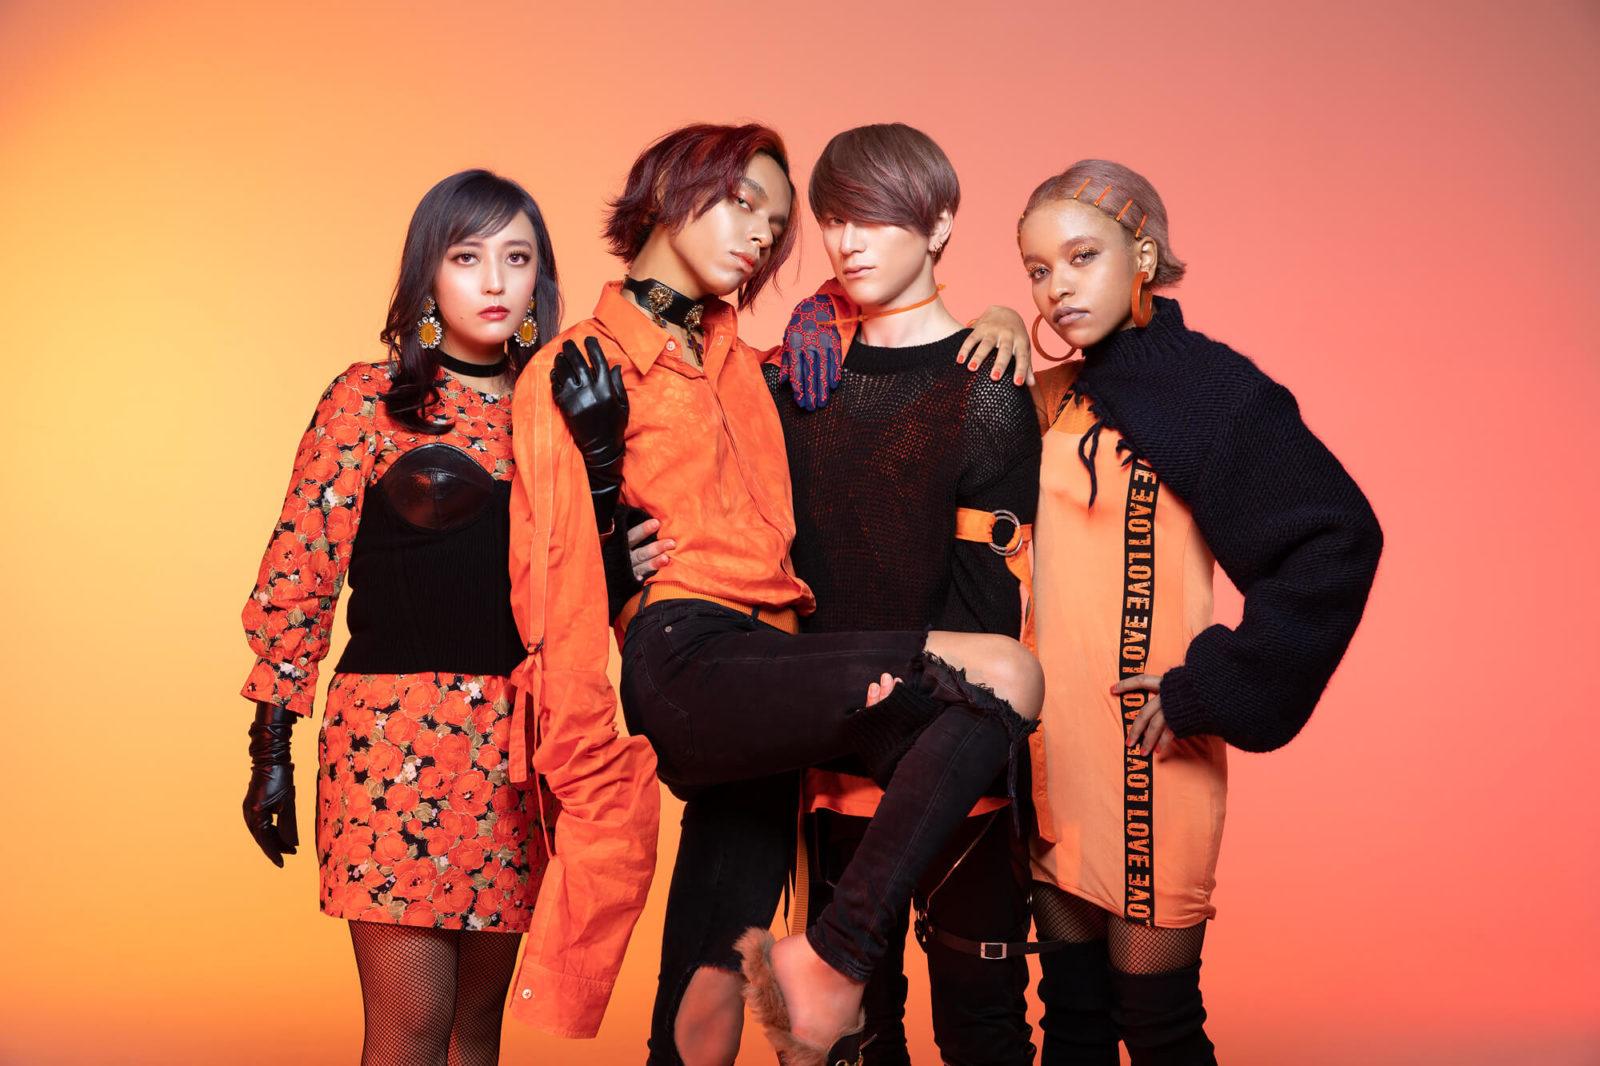 女王蜂、Newシングル「火炎」MUSIC VIDEO公開サムネイル画像